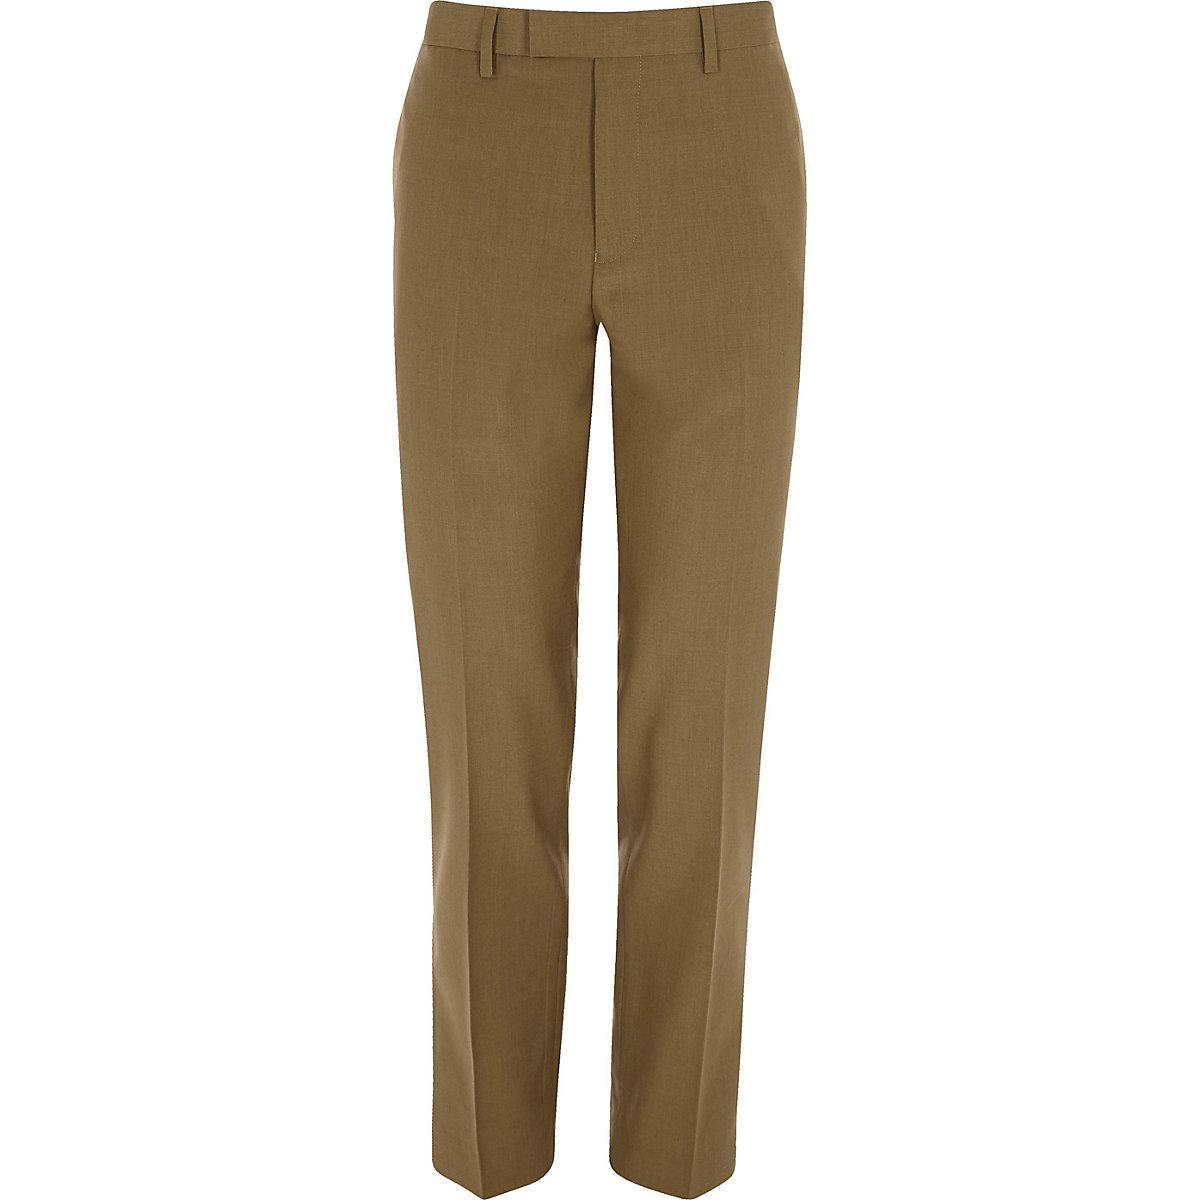 Brown slim fit suit pants